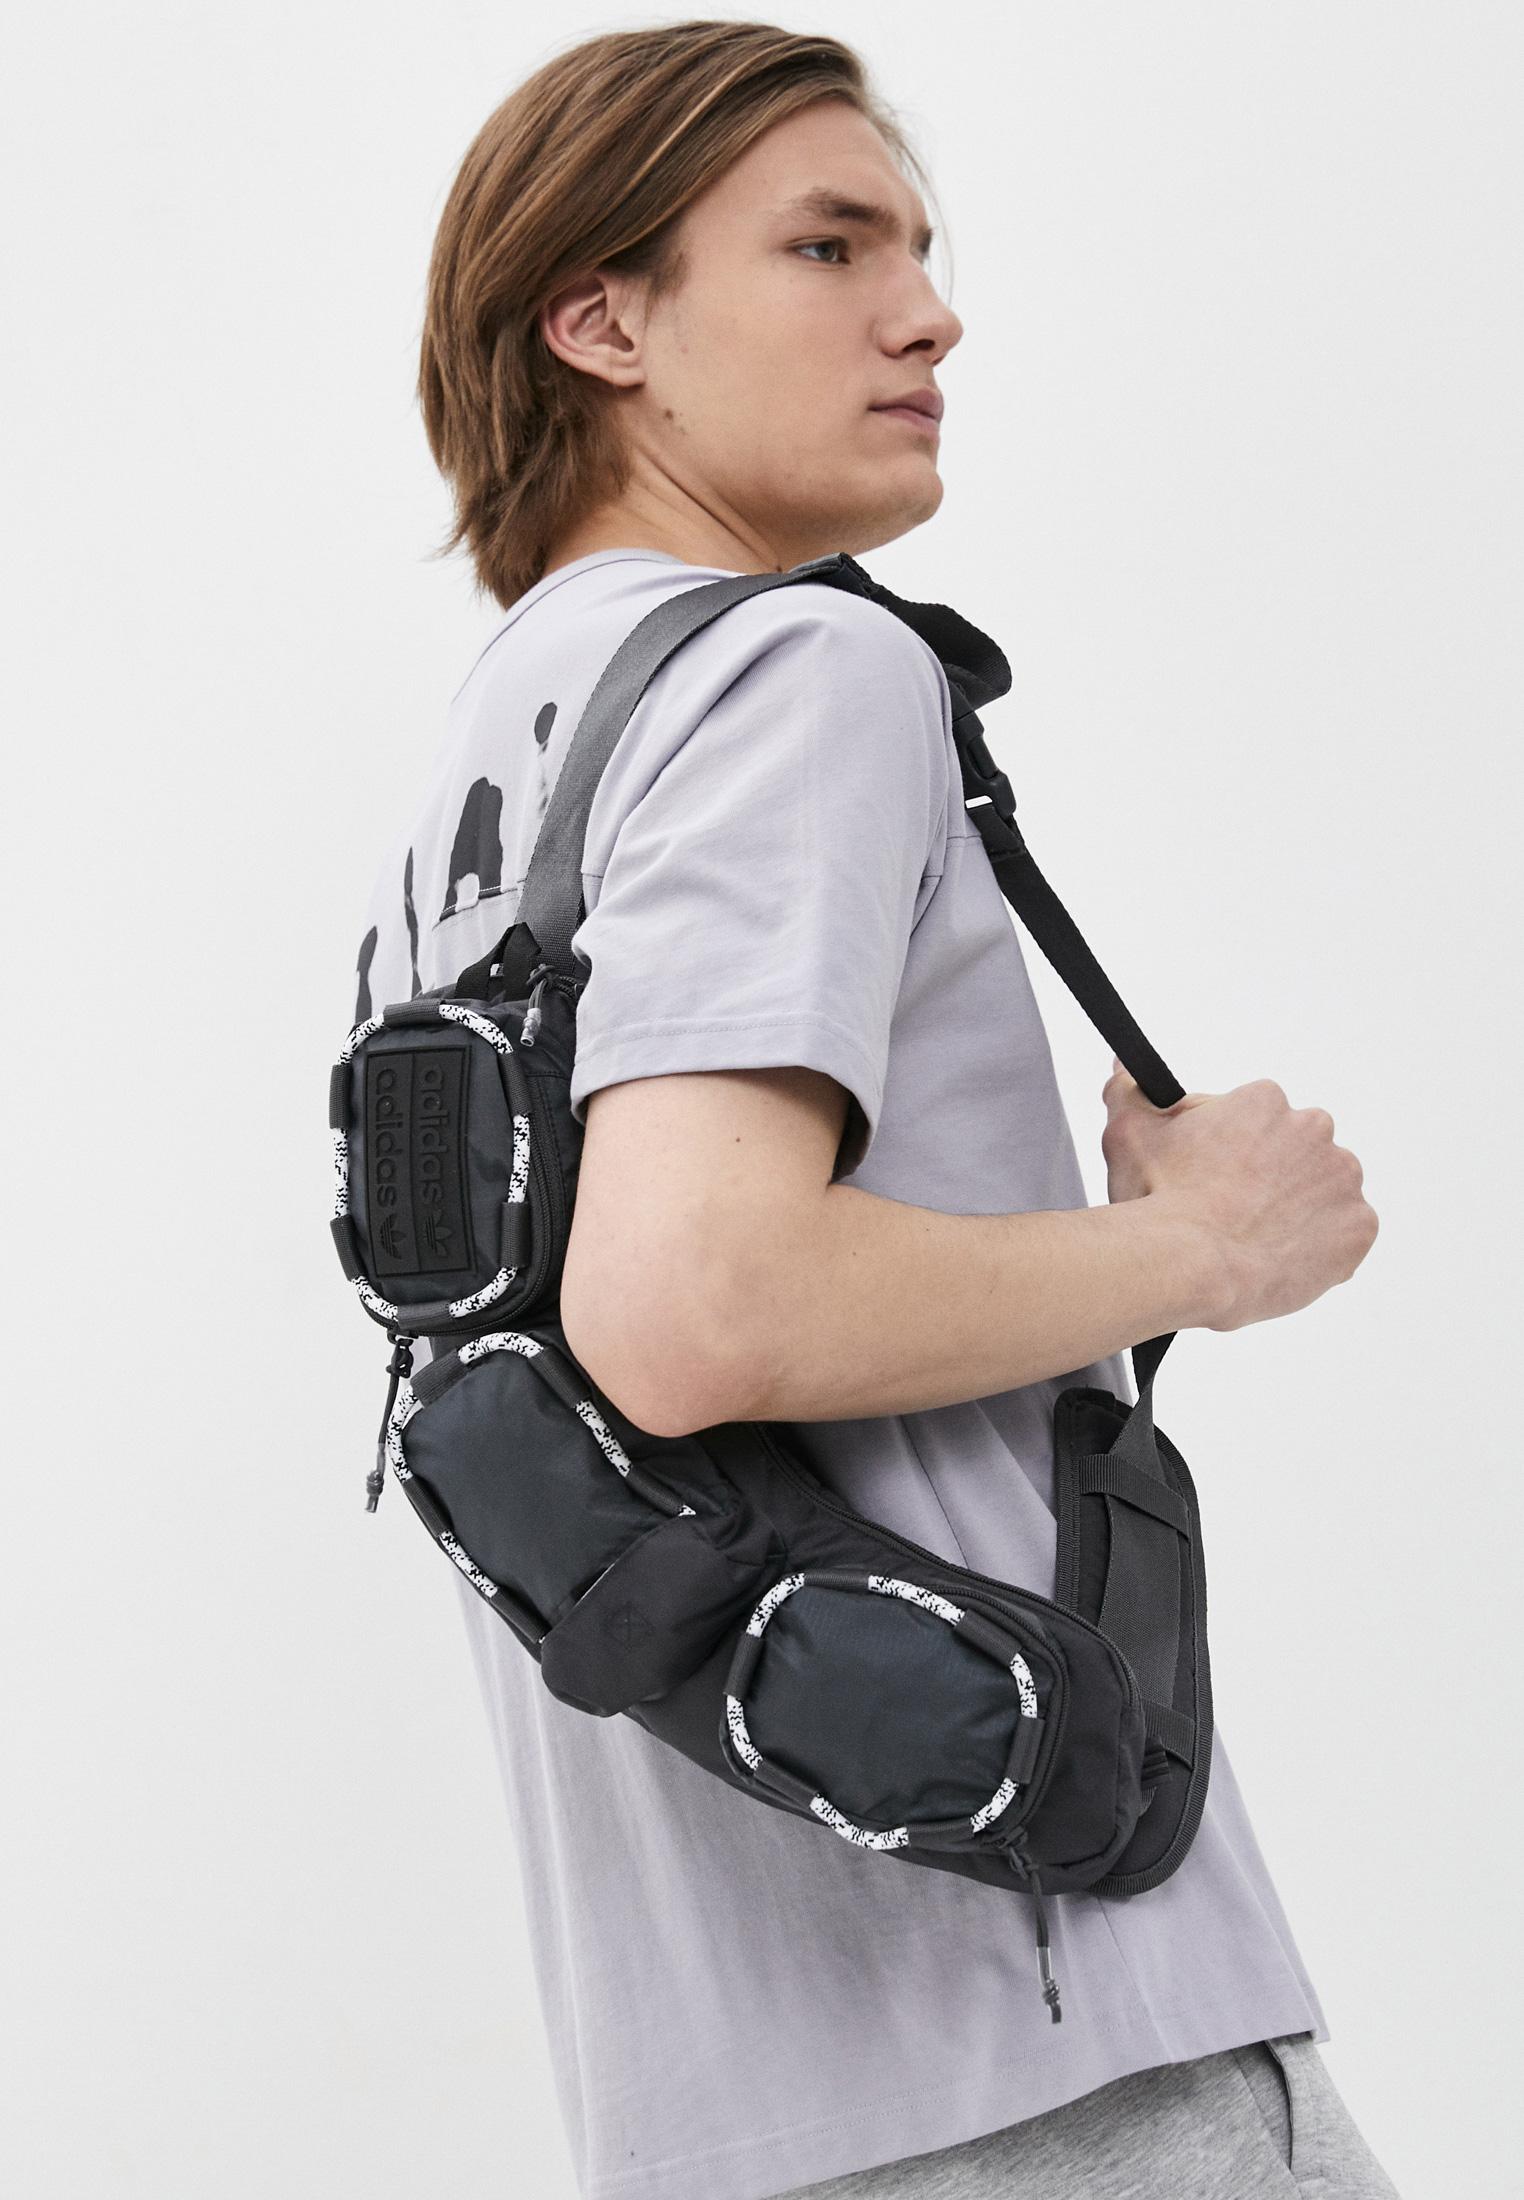 Спортивная сумка Adidas Originals (Адидас Ориджиналс) Сумка поясная adidas Originals